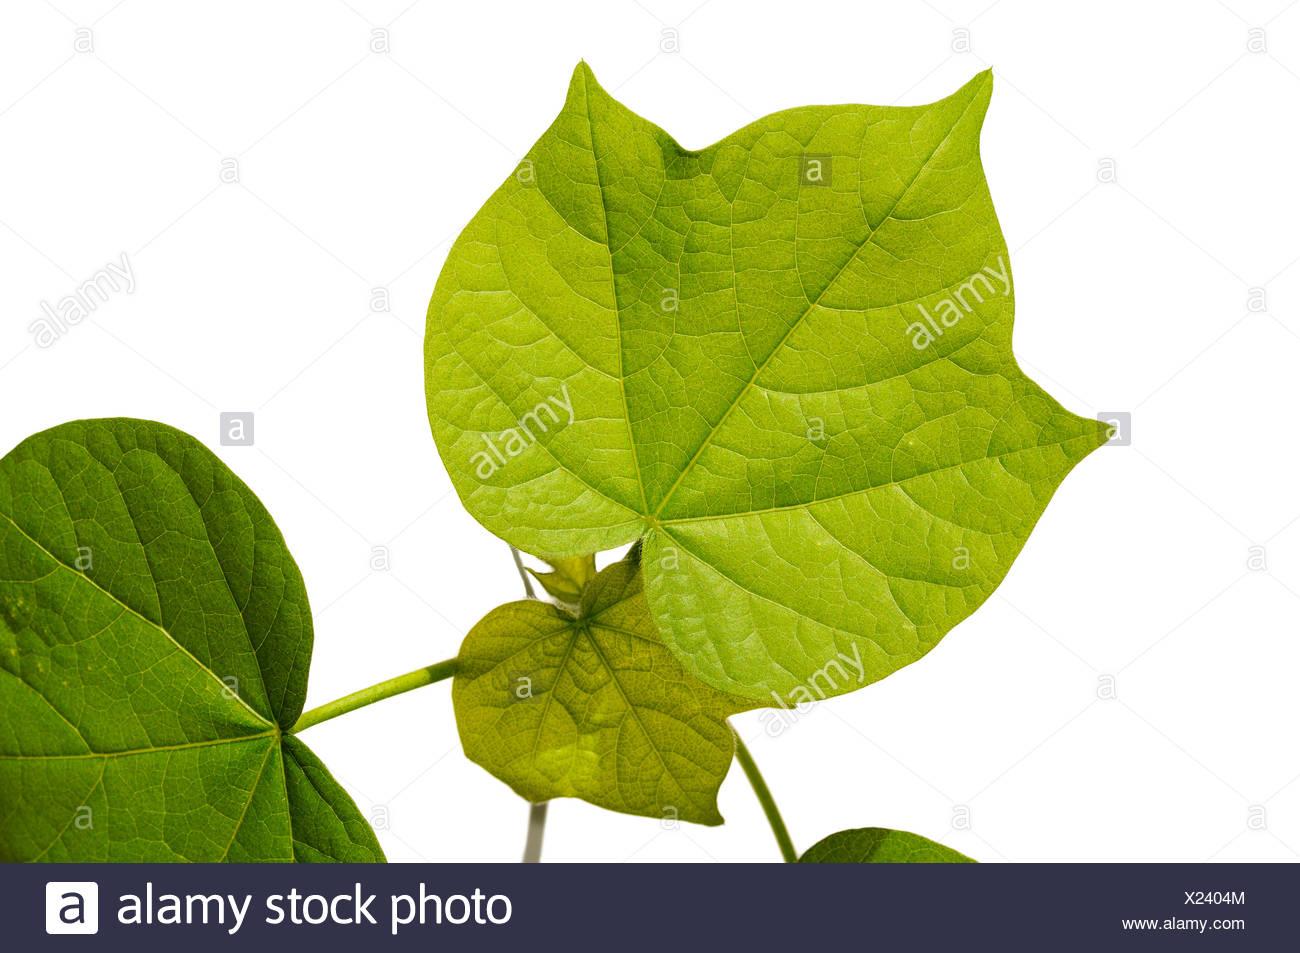 Les feuilles dentelées d'un plant de coton (Gossypium herbaceum) Banque D'Images